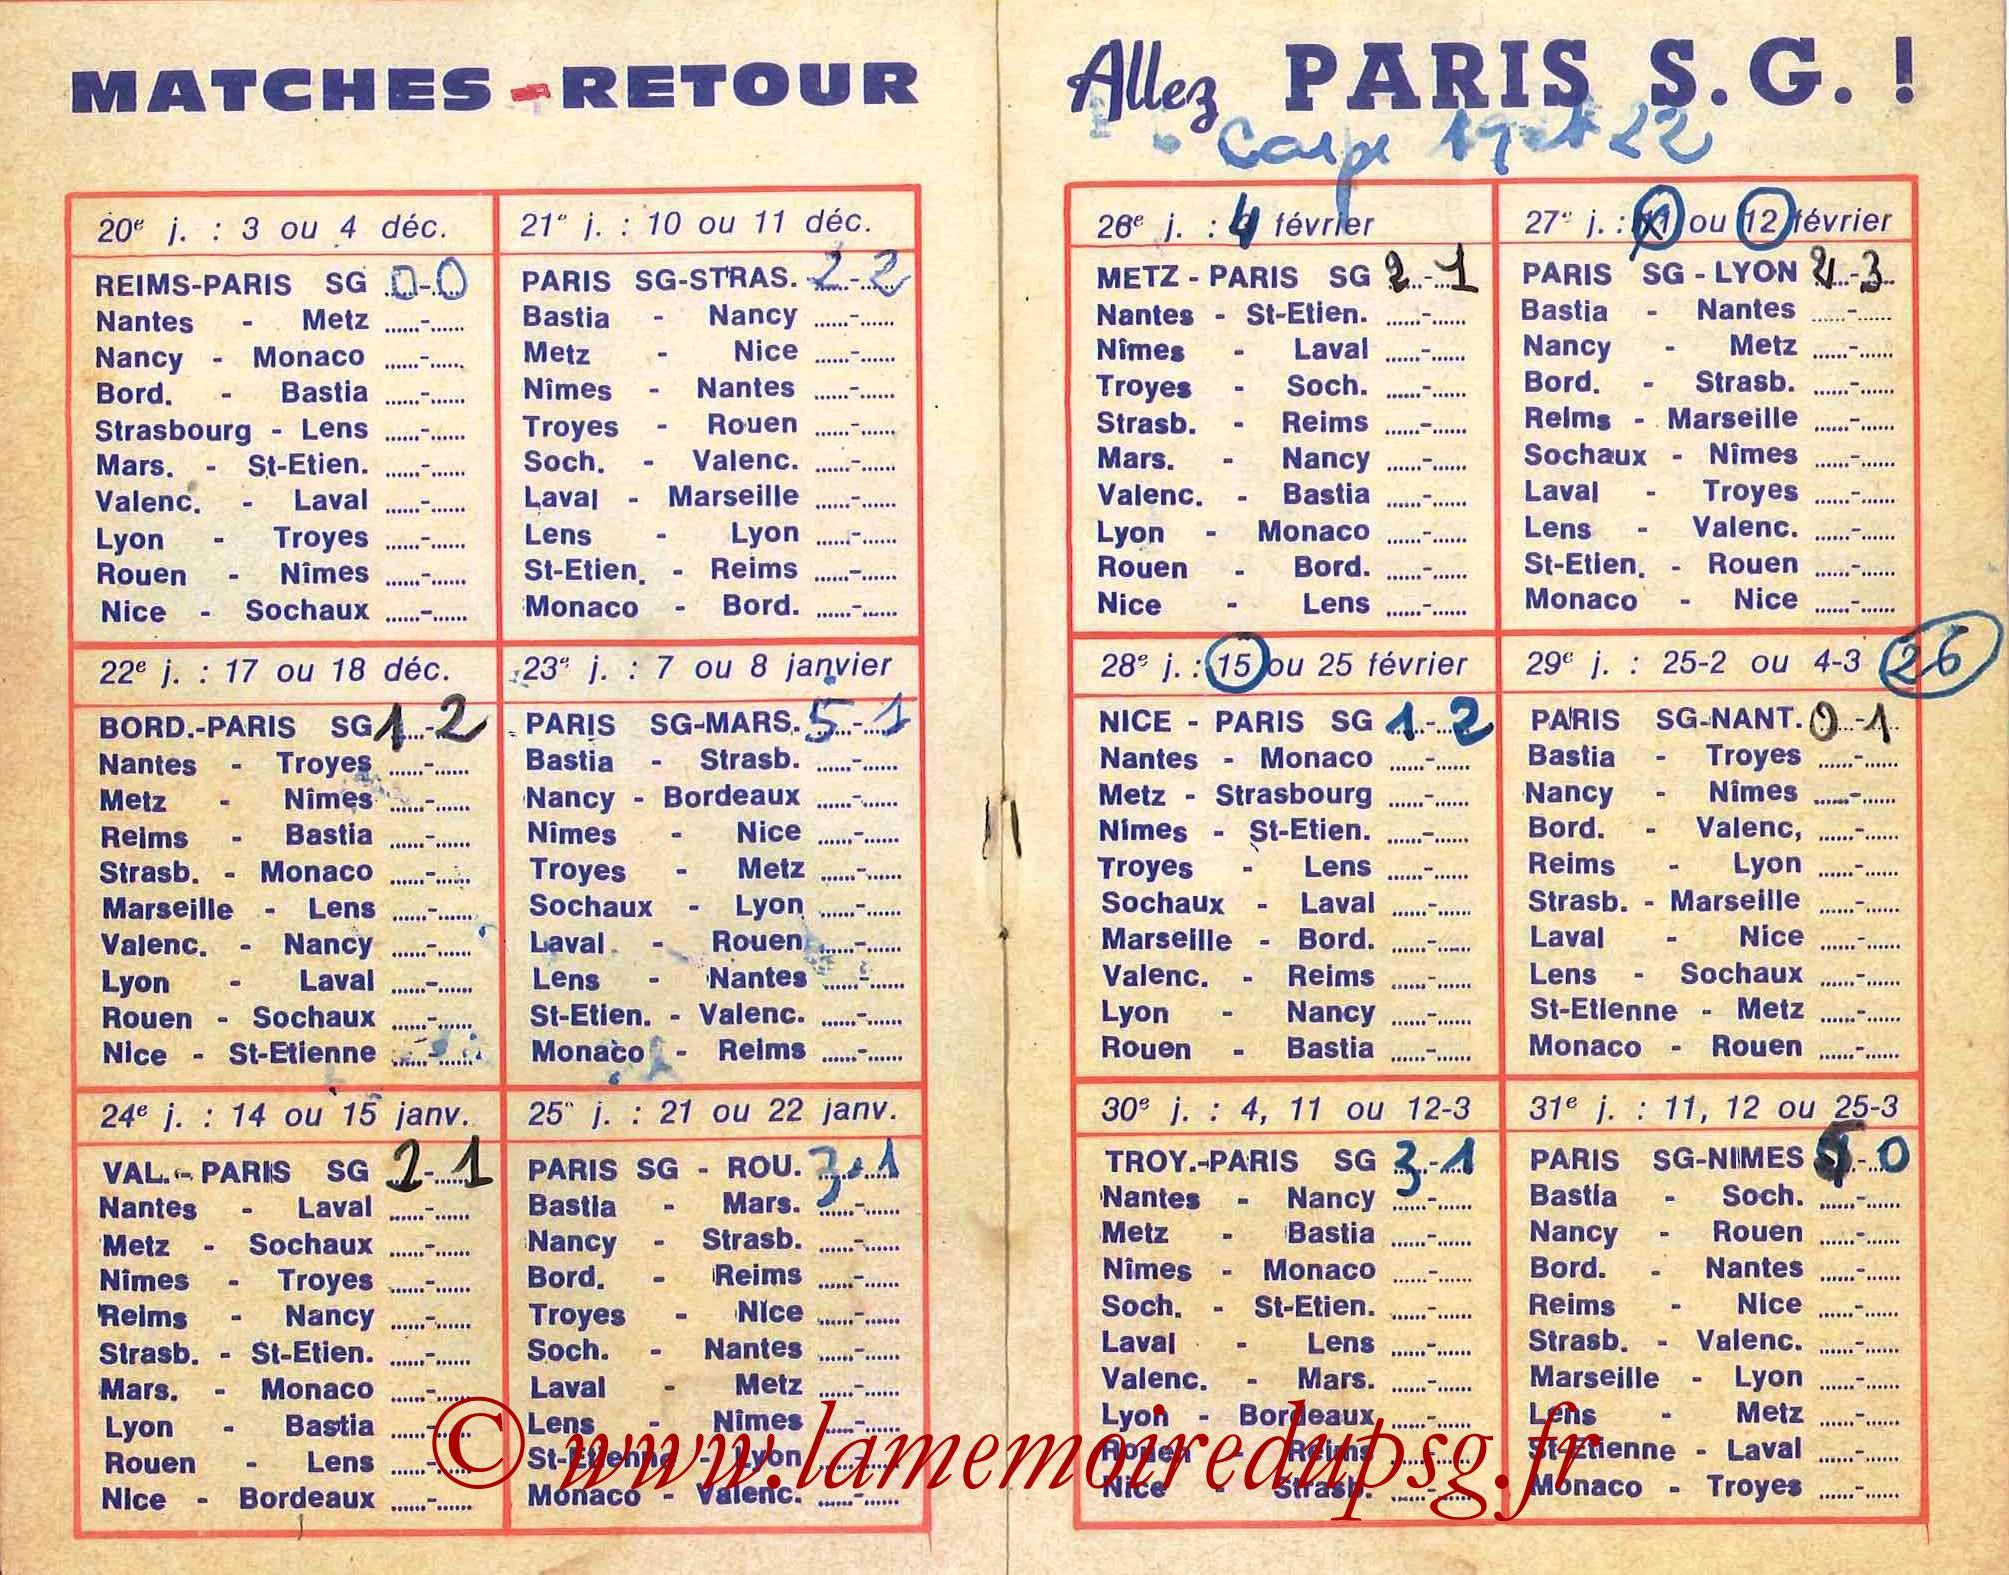 1977-78 - Guide de la Saison PSG - Pages 8 et 9